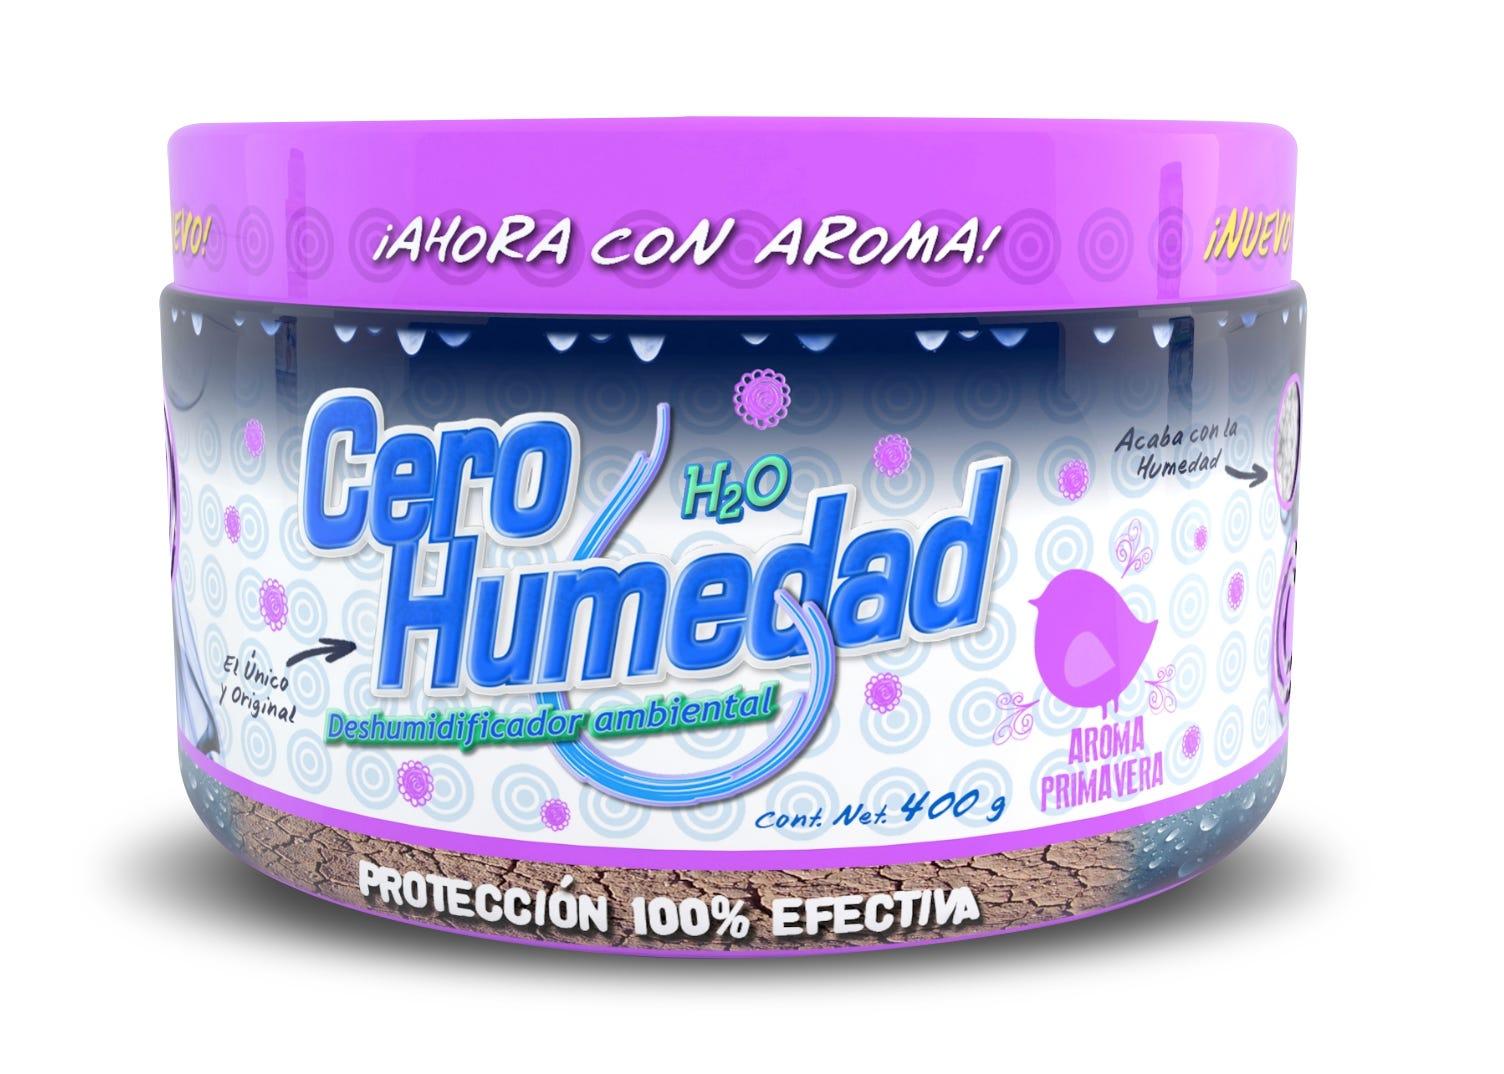 Absorbente de humedad Cero Humedad® ambiental aroma primavera, 400 g